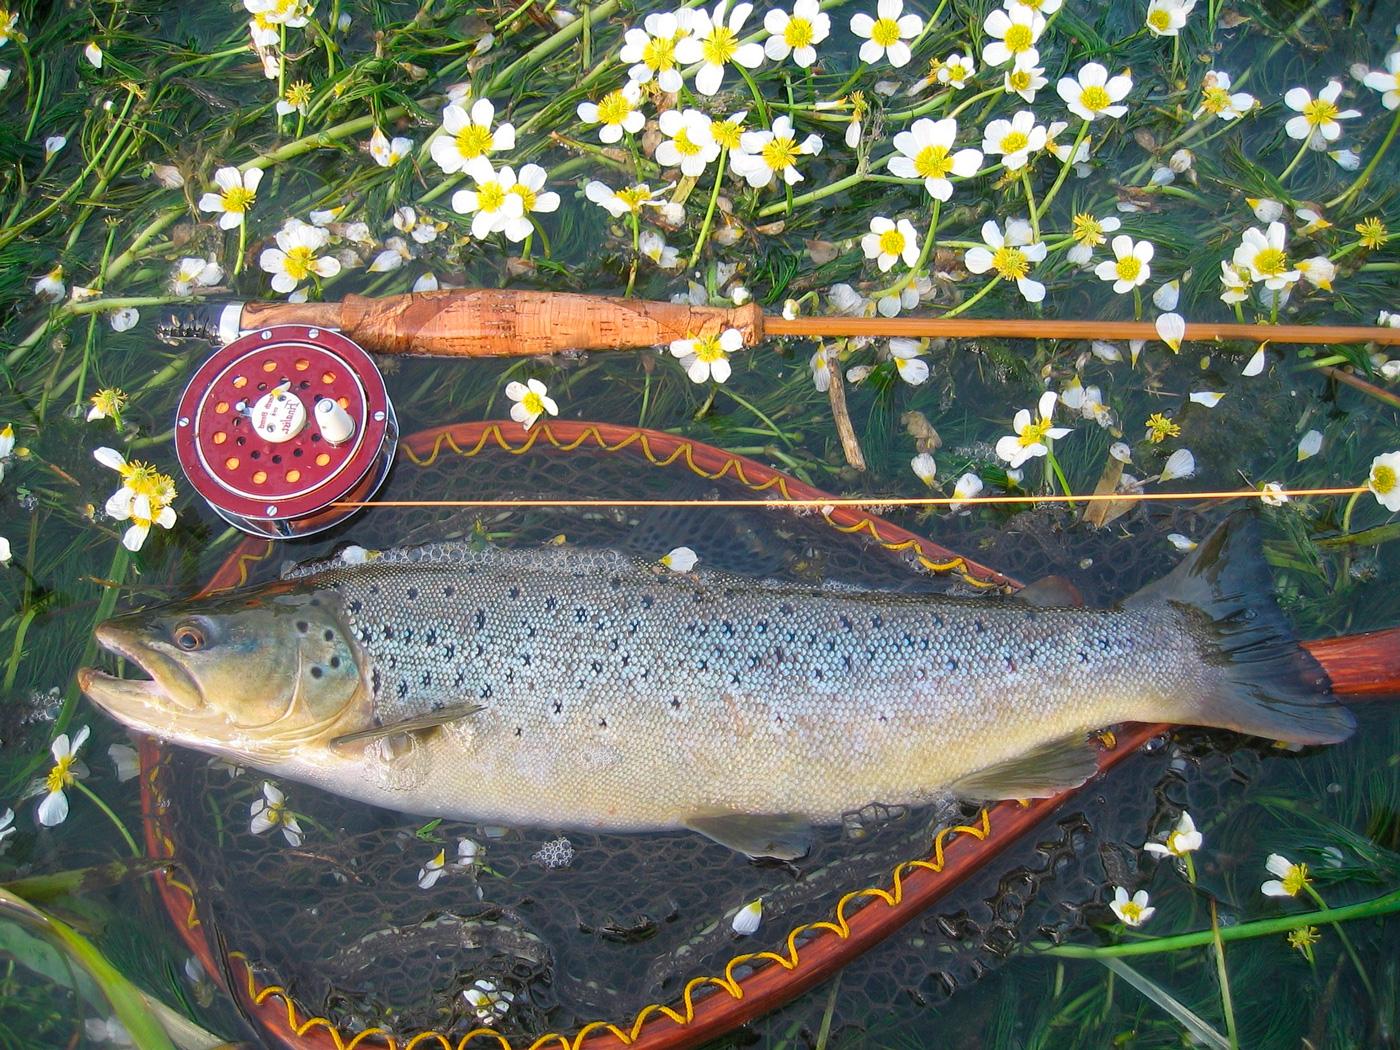 Рыбалка на хариуса на малых реках, снасти для ловли хариуса летом и осенью